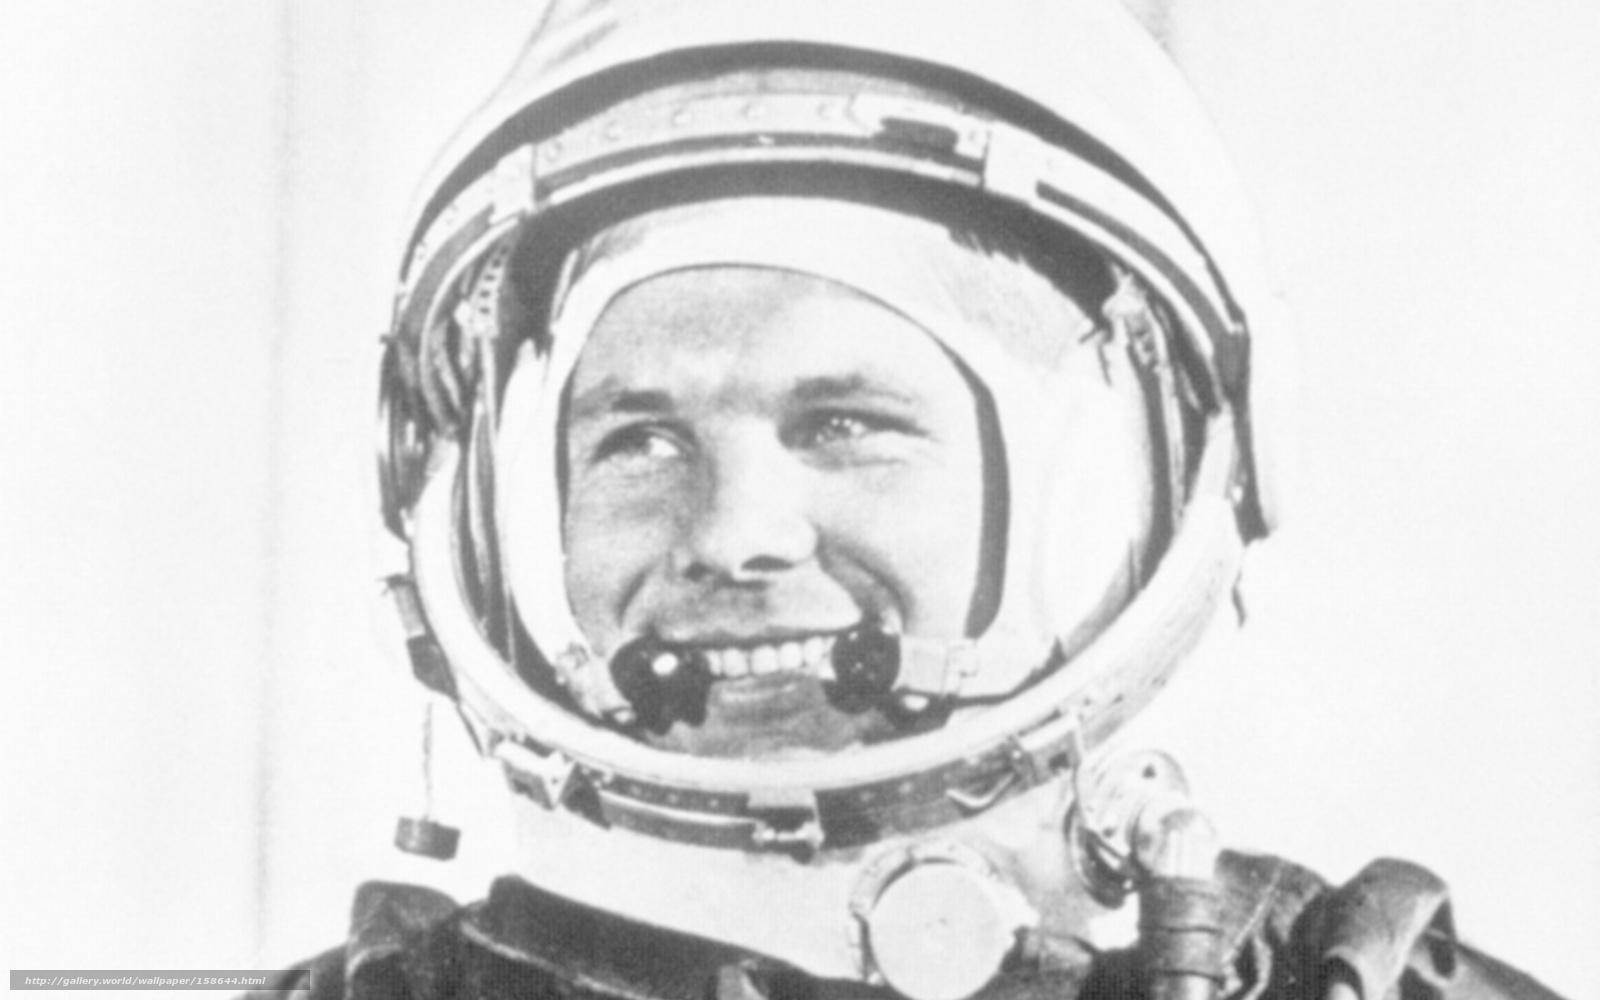 Скачать обои юрий алексеевич гагарин,  первый космонавт,  ссср,  великие люди бесплатно для рабочего стола в разрешении 1920x1200 — картинка №158644